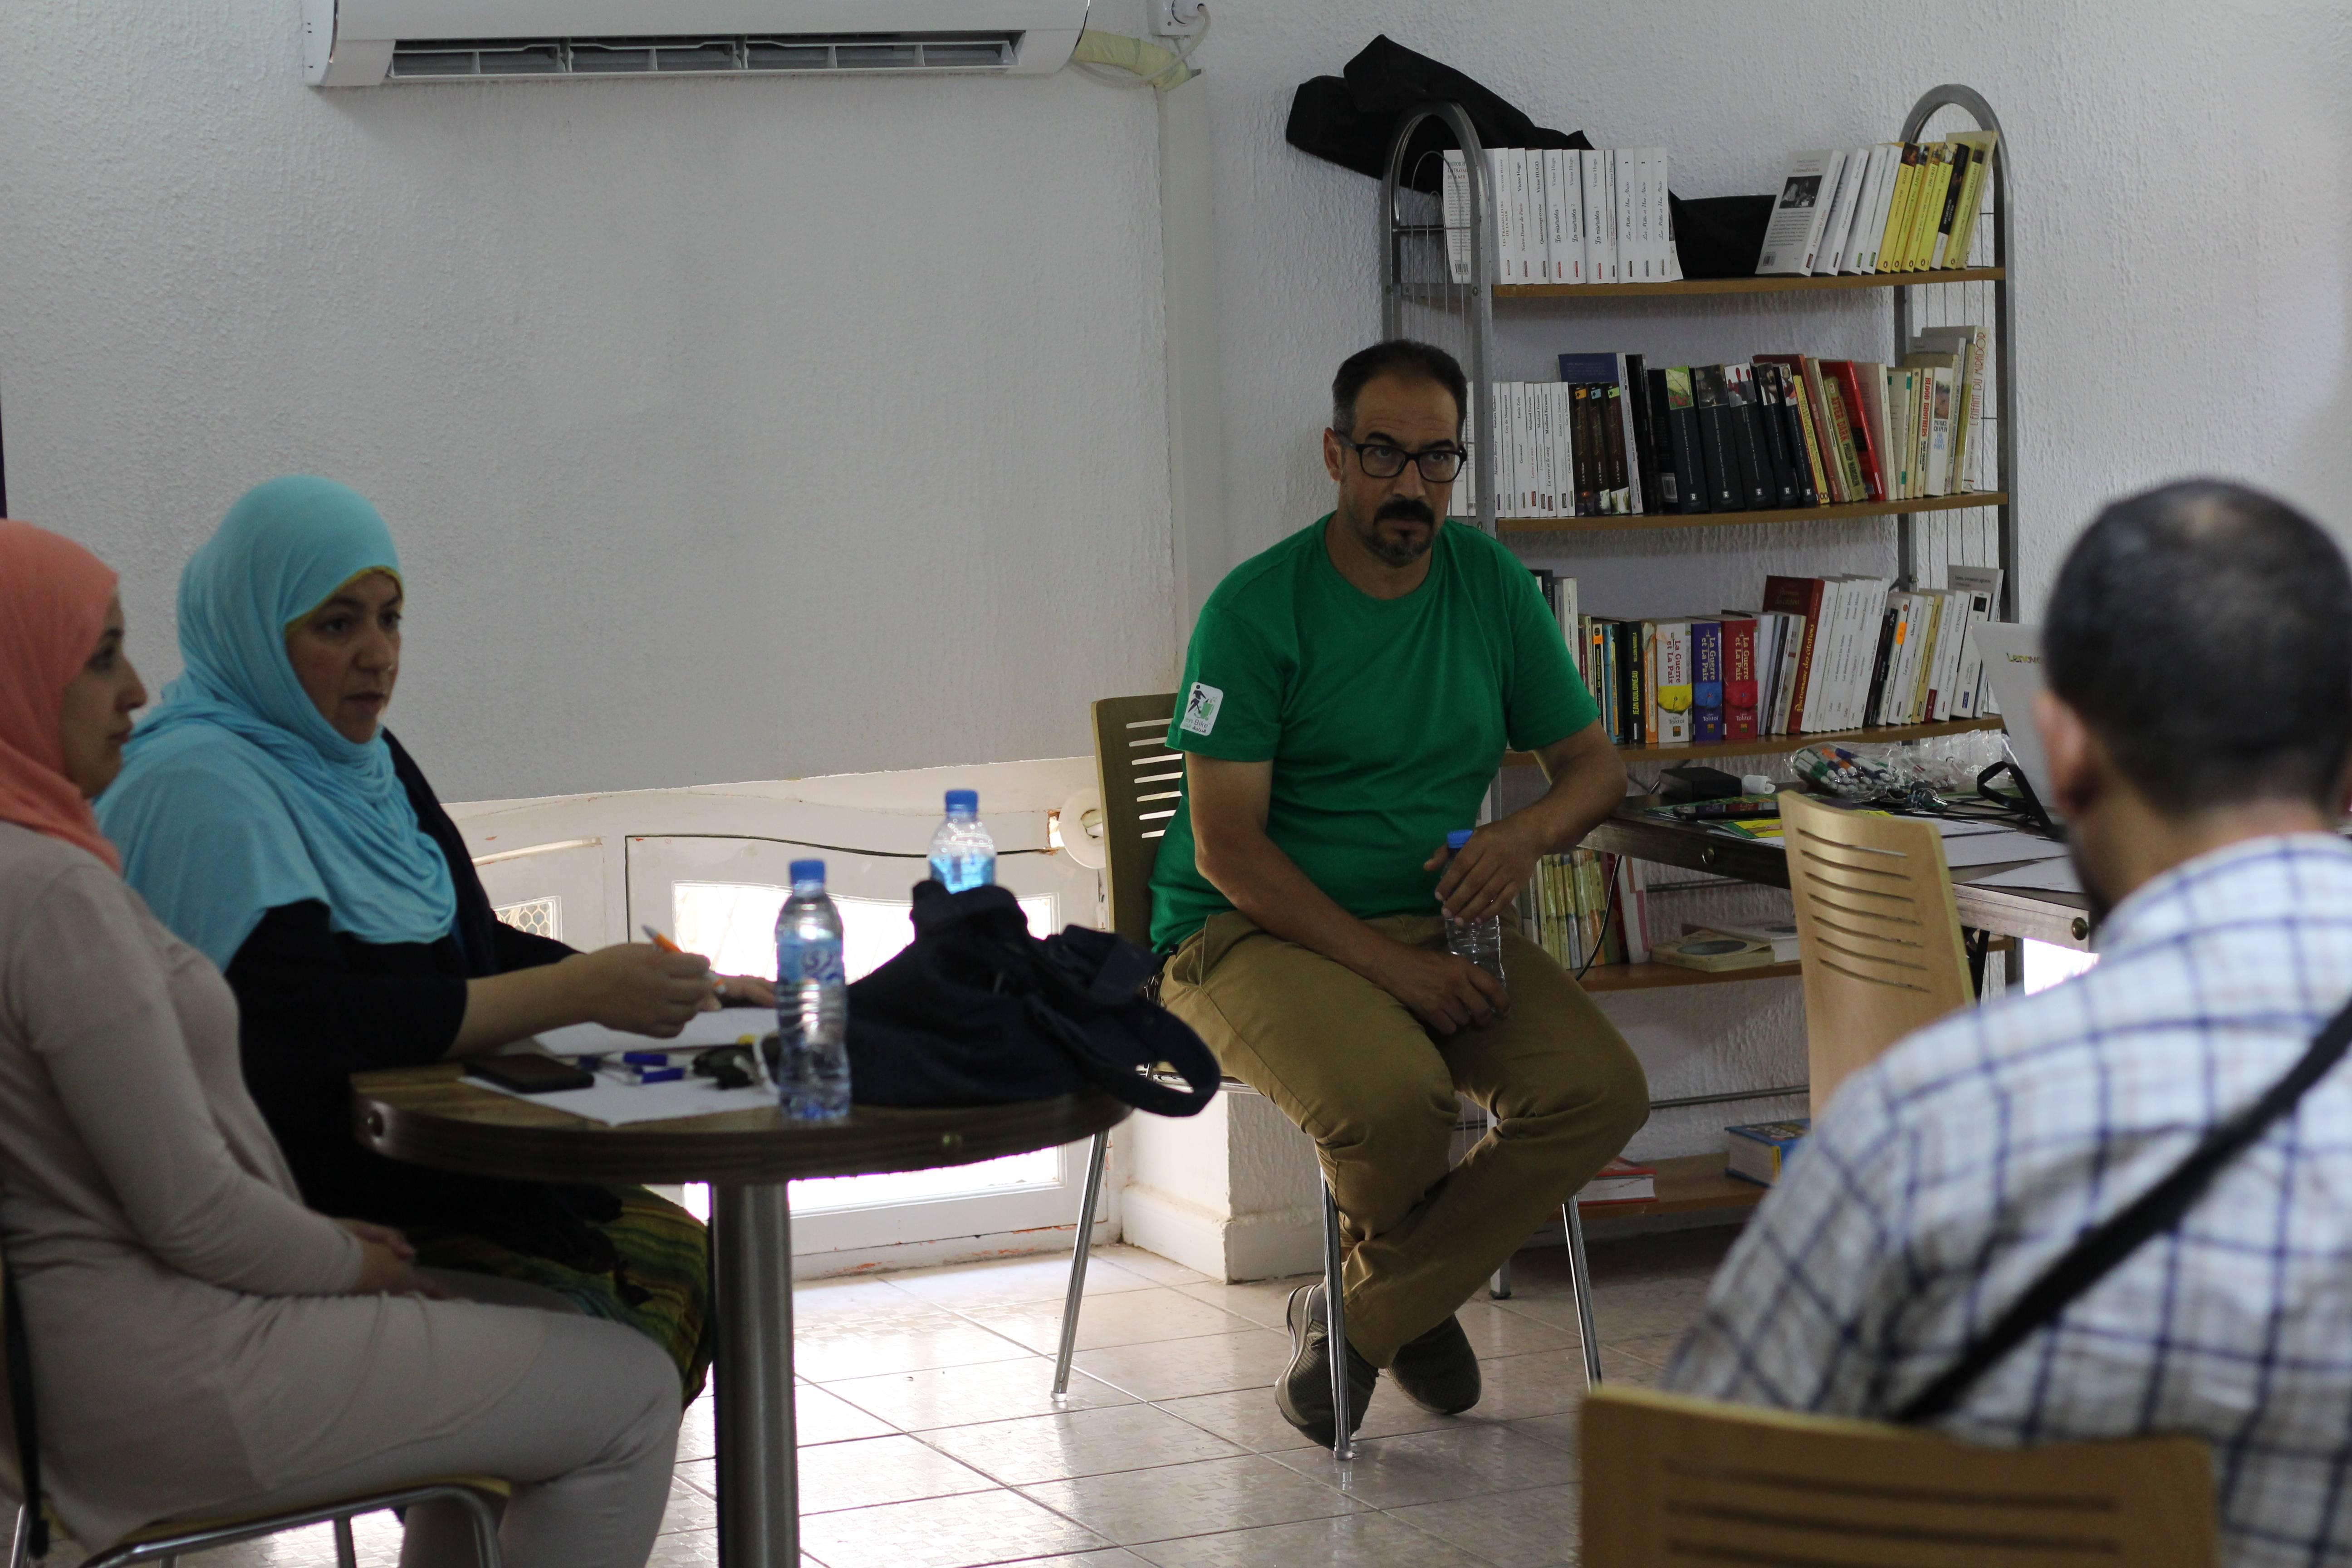 صباح الجمعيات عنابة 03 : التطوع في العالم الجمعوي : مشاكل و إقتراحات - Bilama Services